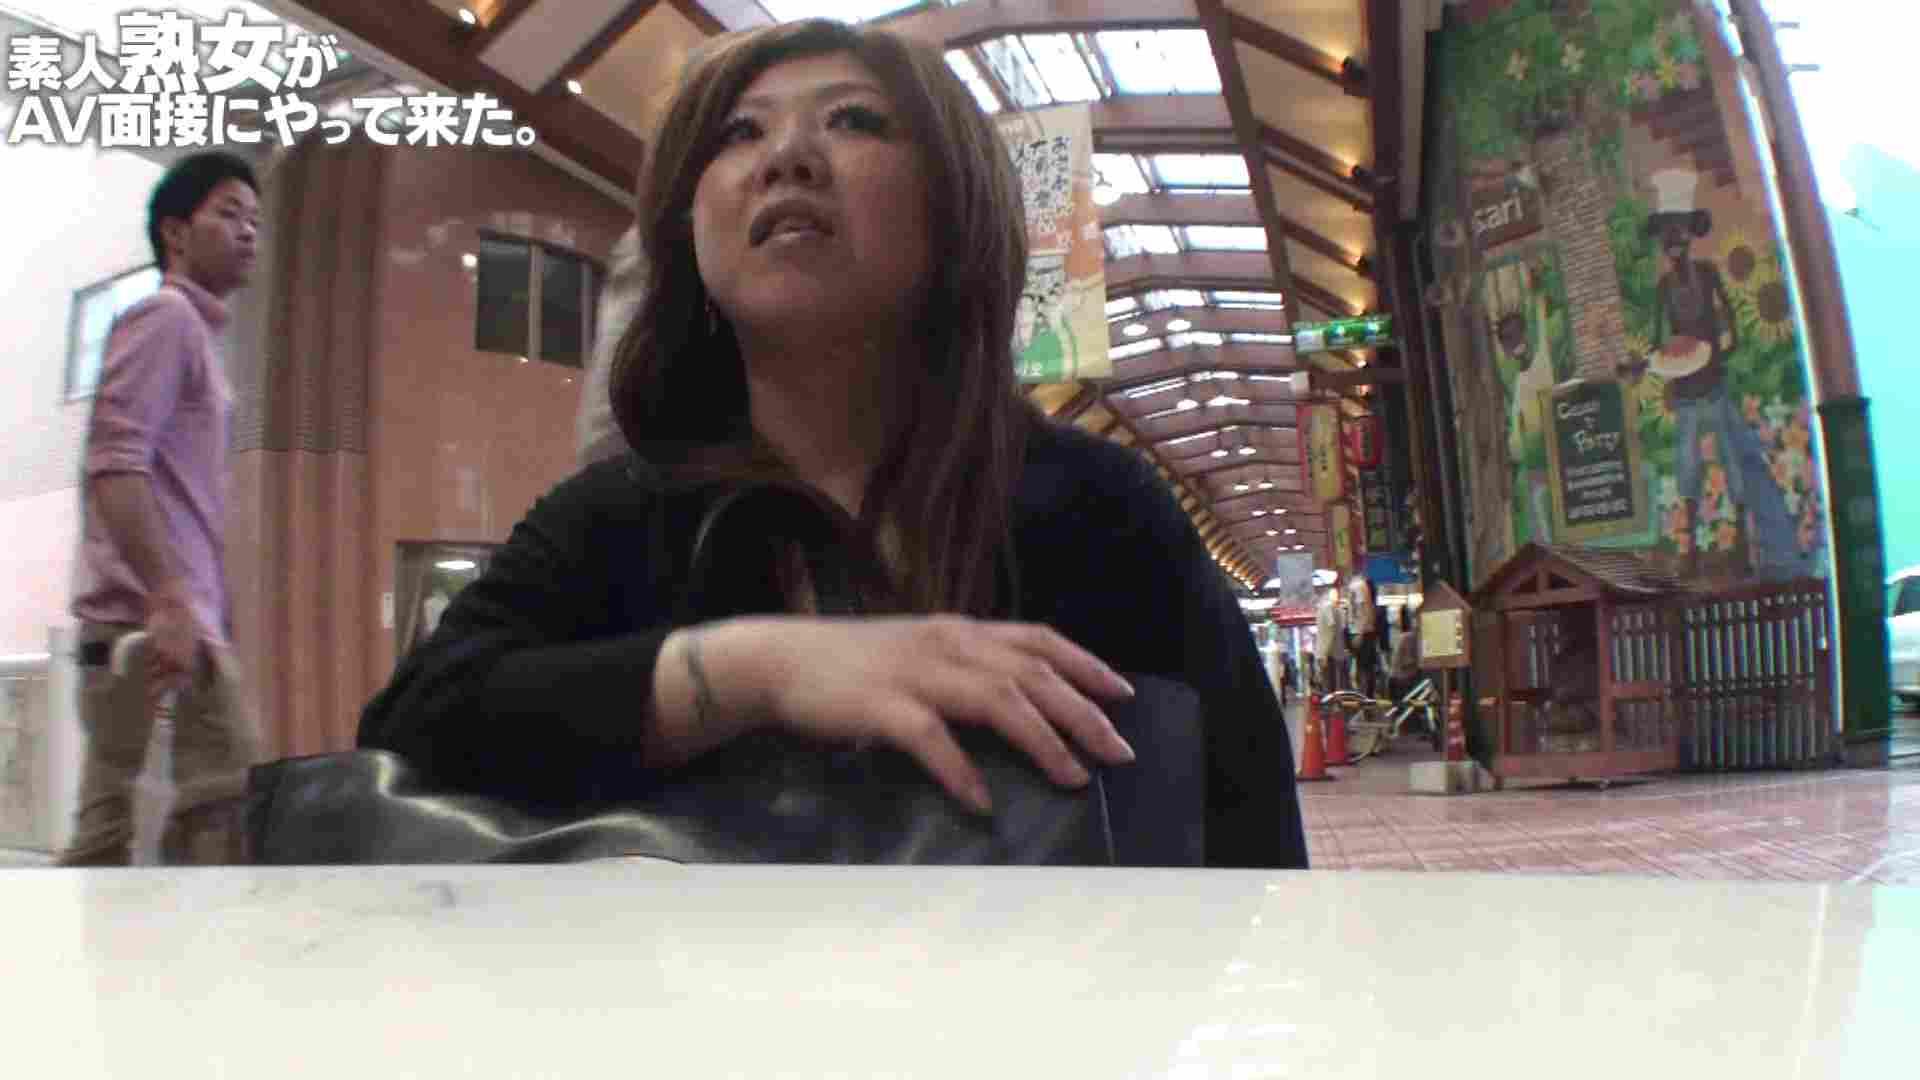 素人熟女がAV面接にやってきた (仮名)ゆかさんVOL.01 セックス  109連発 22